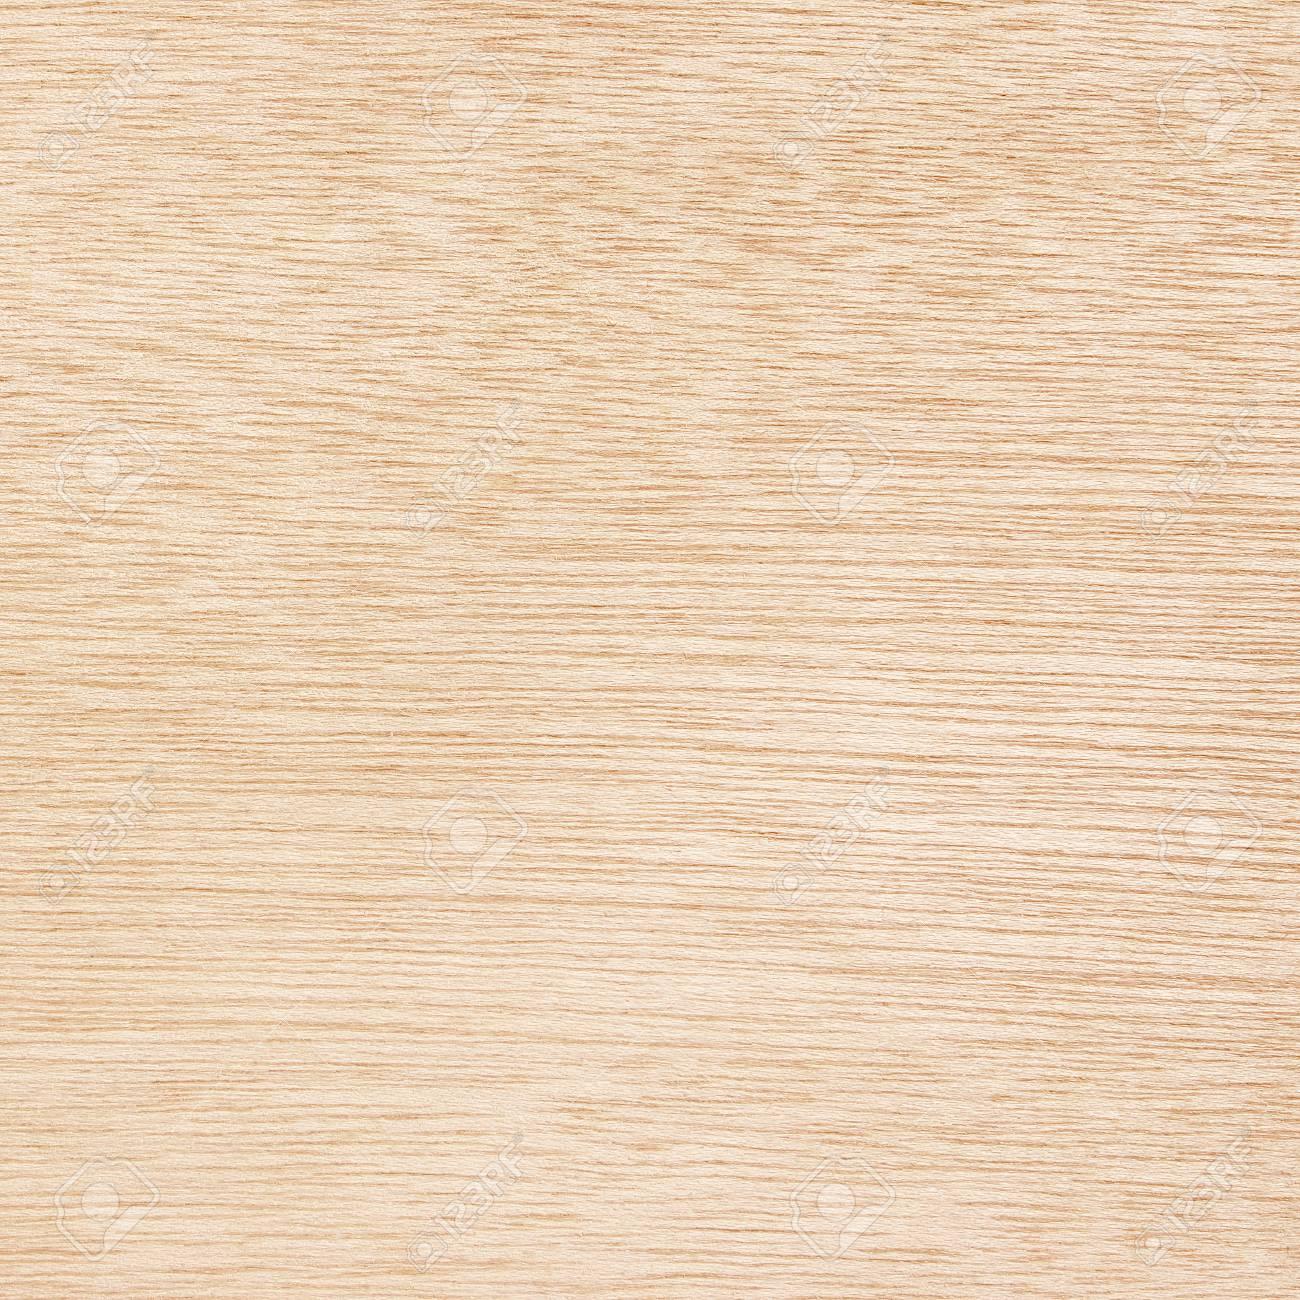 Fond Texturé En Bois Naturel En Pin Couleur Bois. Banque D'Images